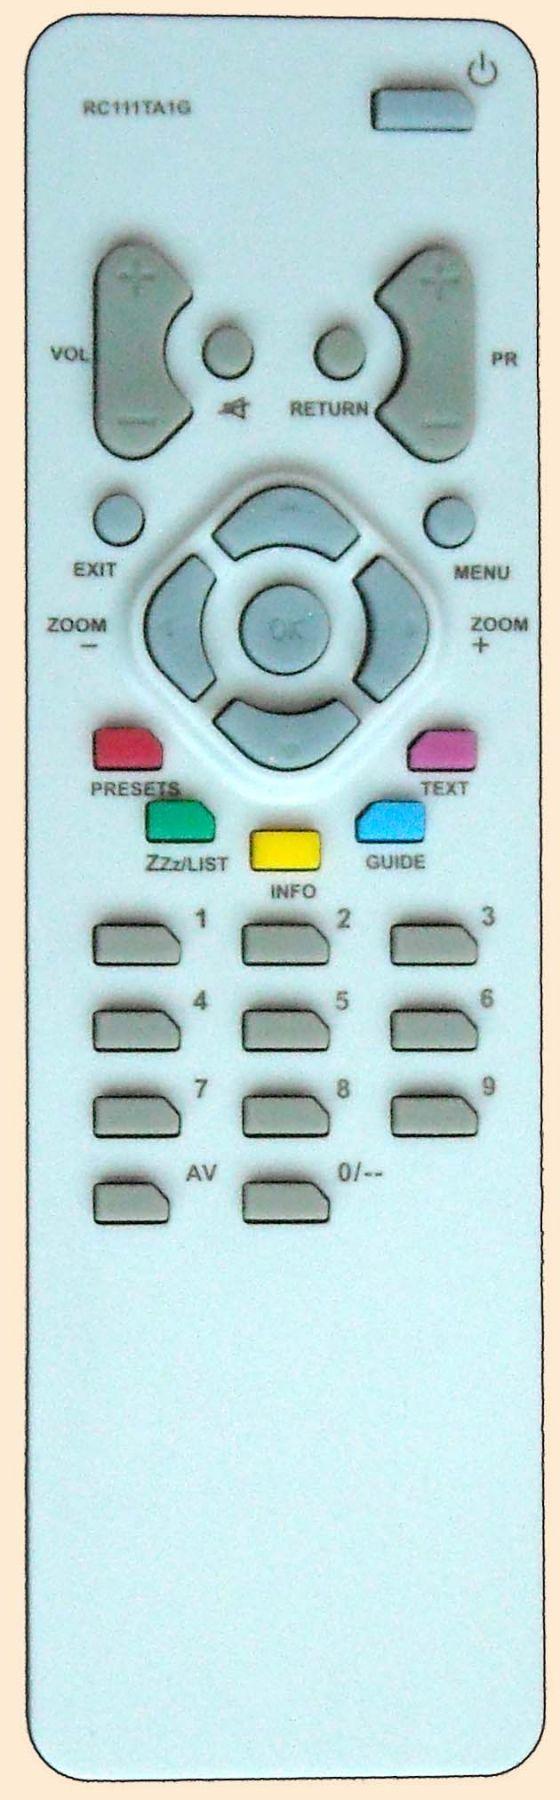 Пульт для Thomson RC111TA1G